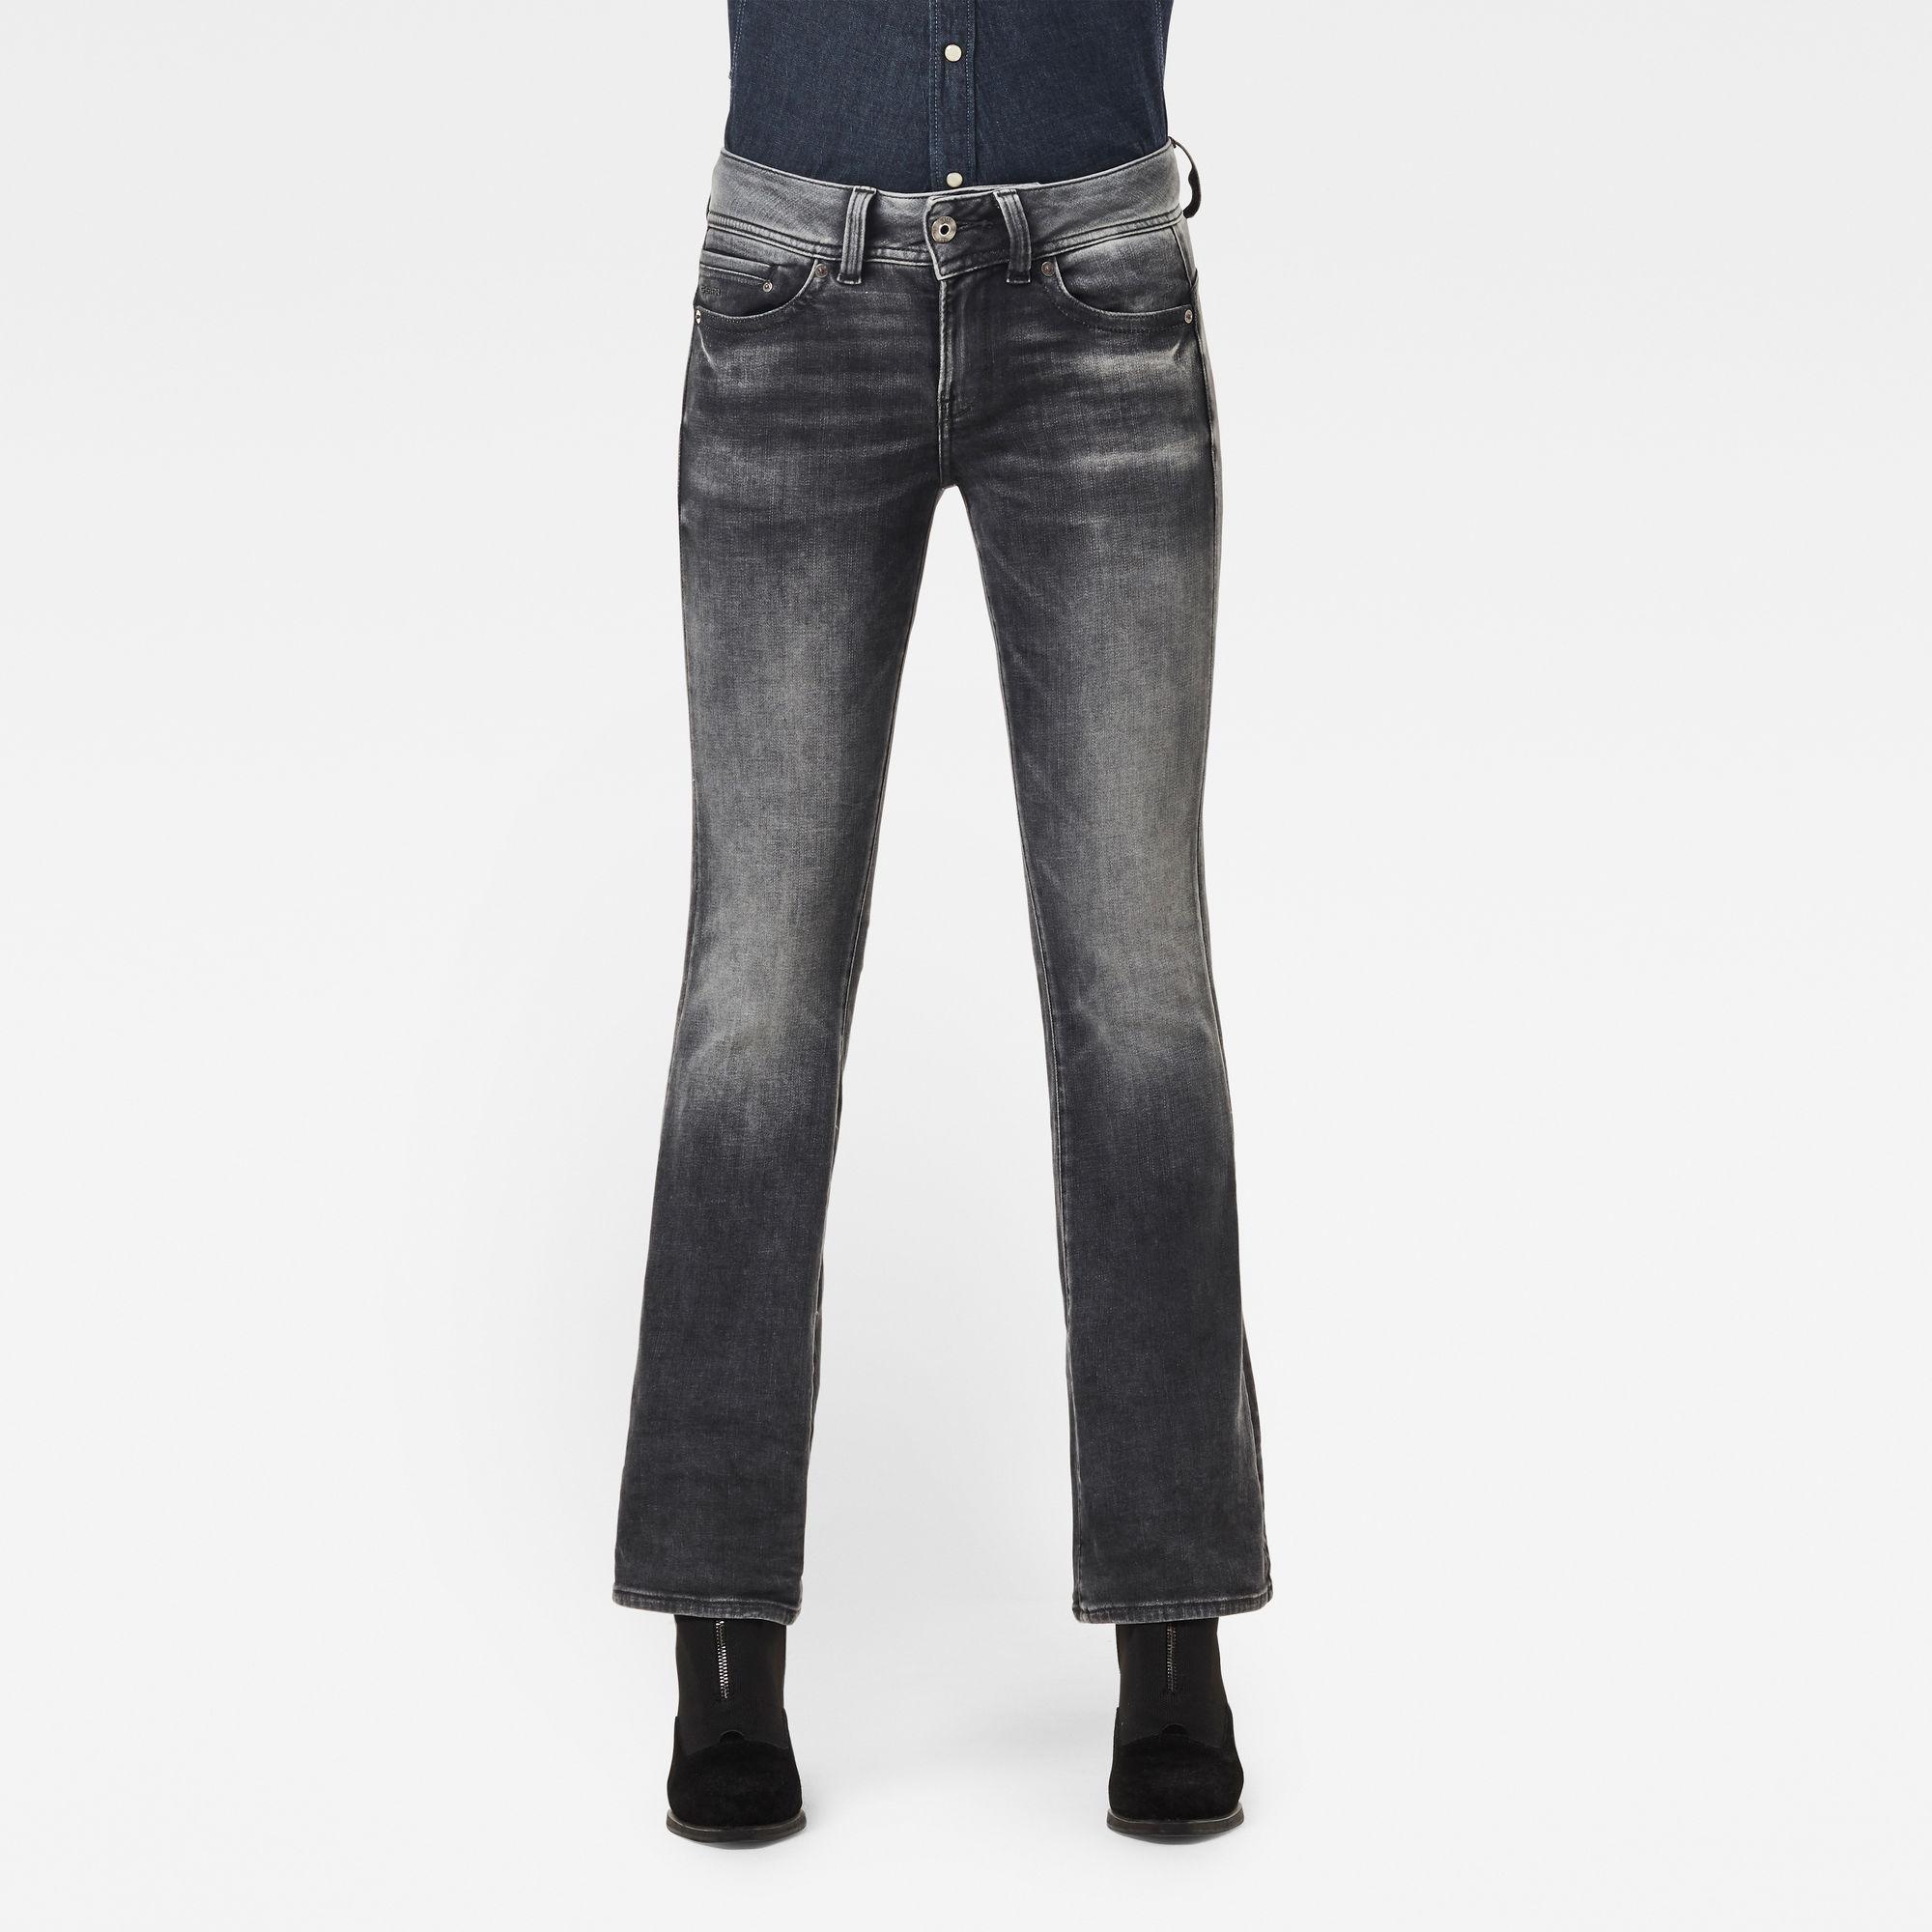 G-Star RAW Dames Midge Mid Bootcut Jeans Grijs